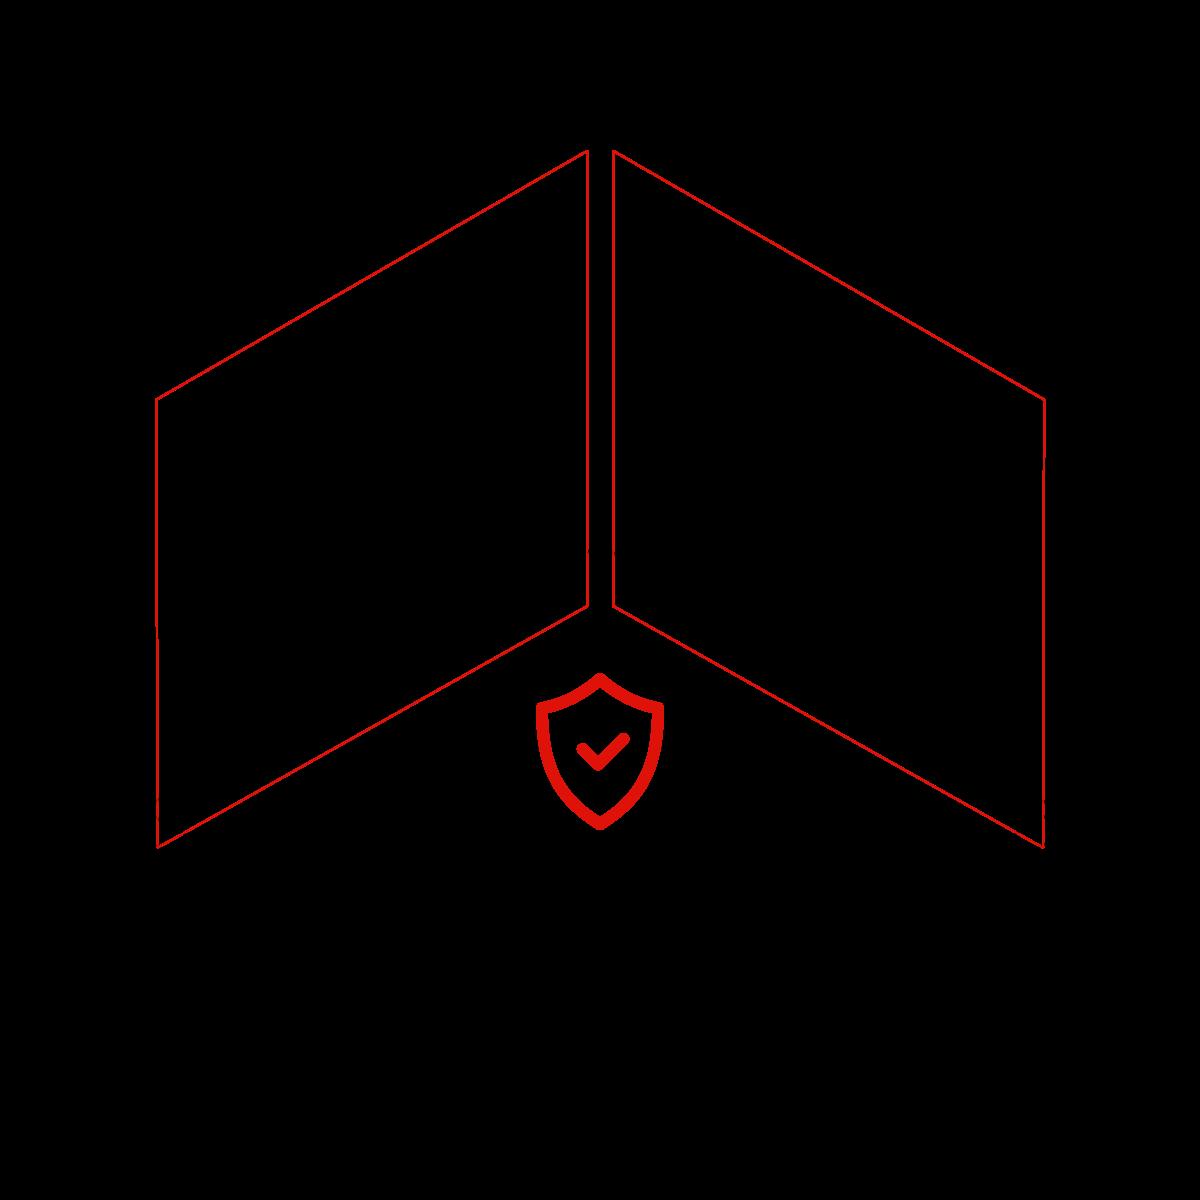 Protectores de muros 8cd49c73 4ce3 4de0 b244 fd94b9adfc84